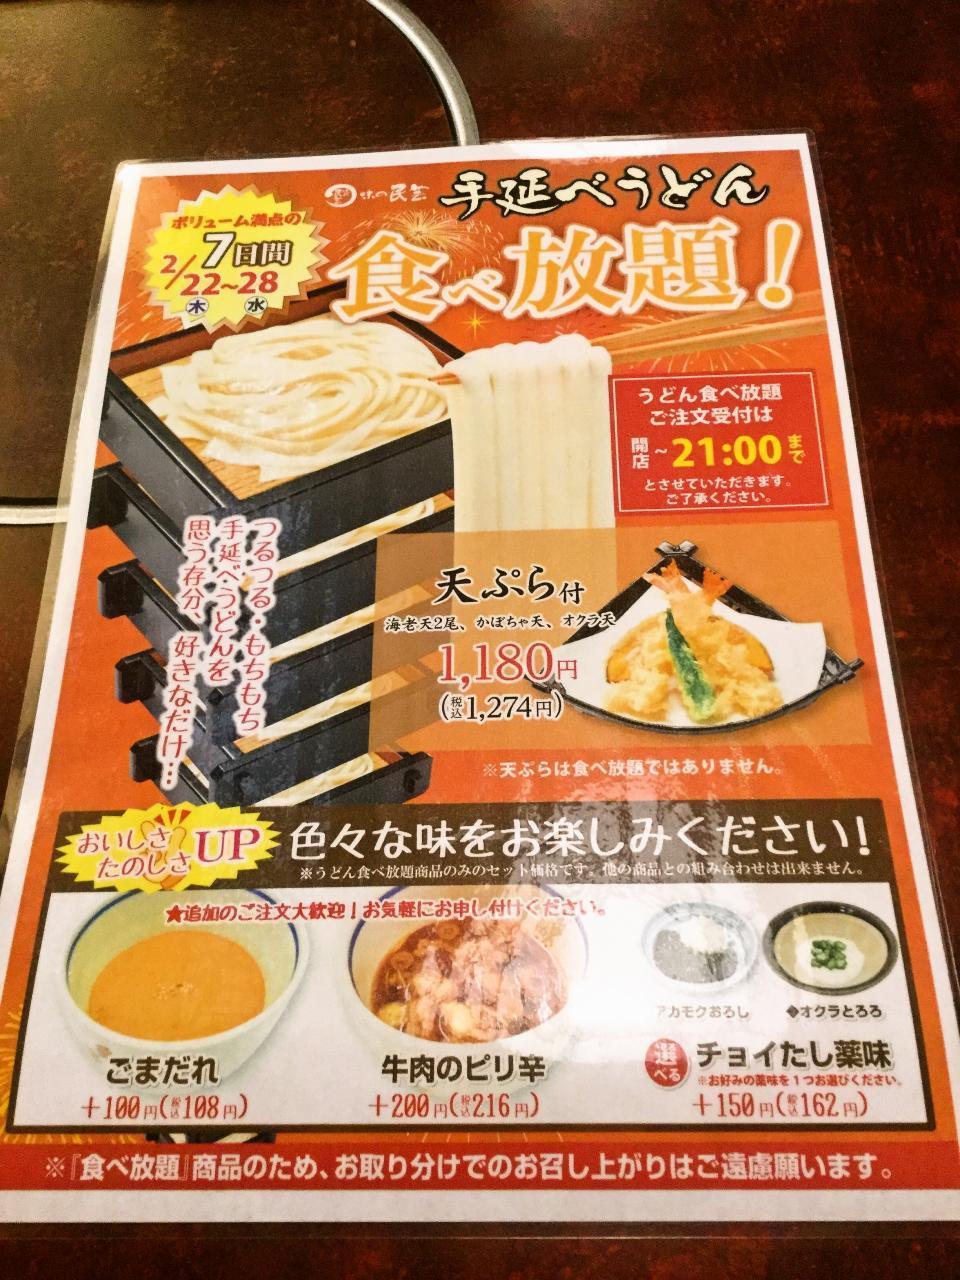 味の民芸 子母口店(手延べうどん食べ放題)